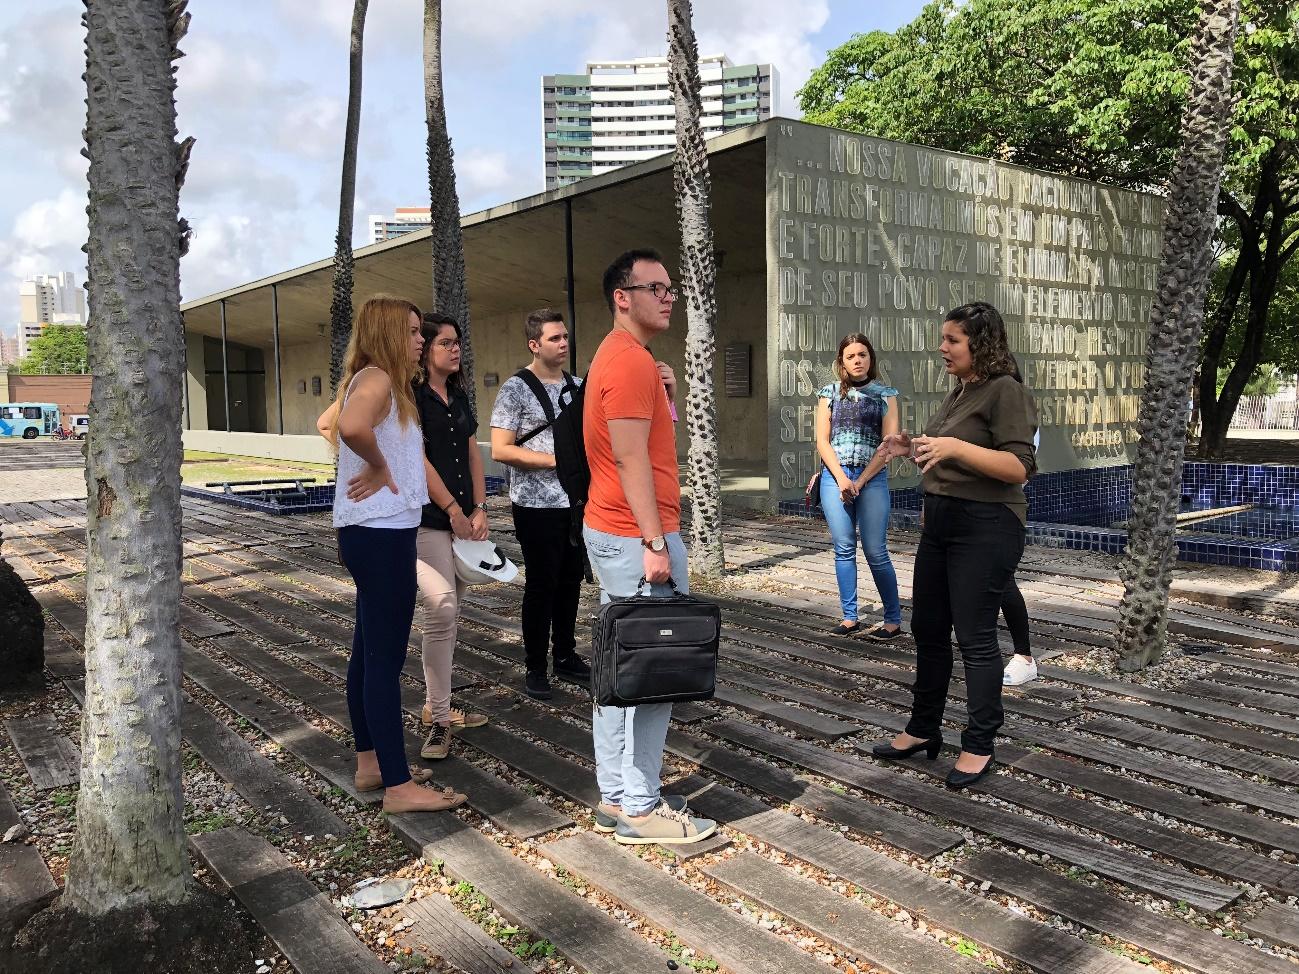 Visita técnica ao Palácio da Abolição